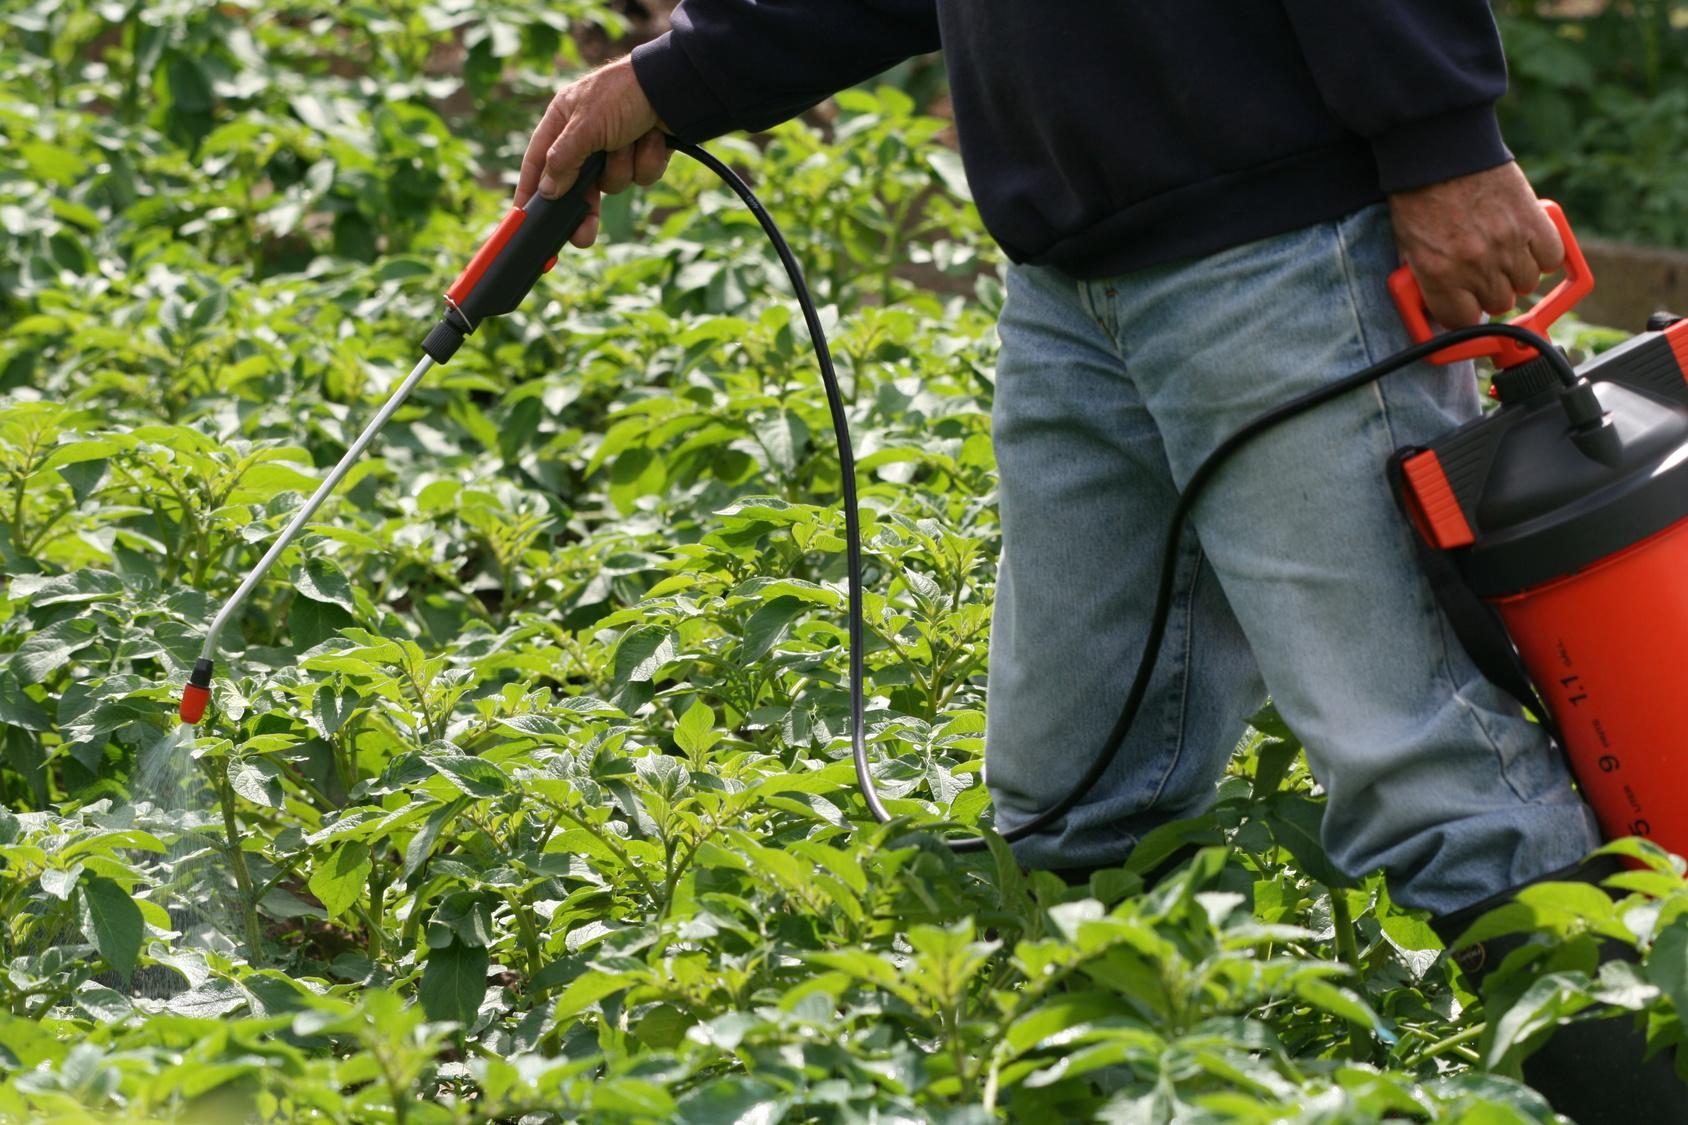 Le d sherbage colo les conseils pour votre jardin de - Desherbage bio efficace ...